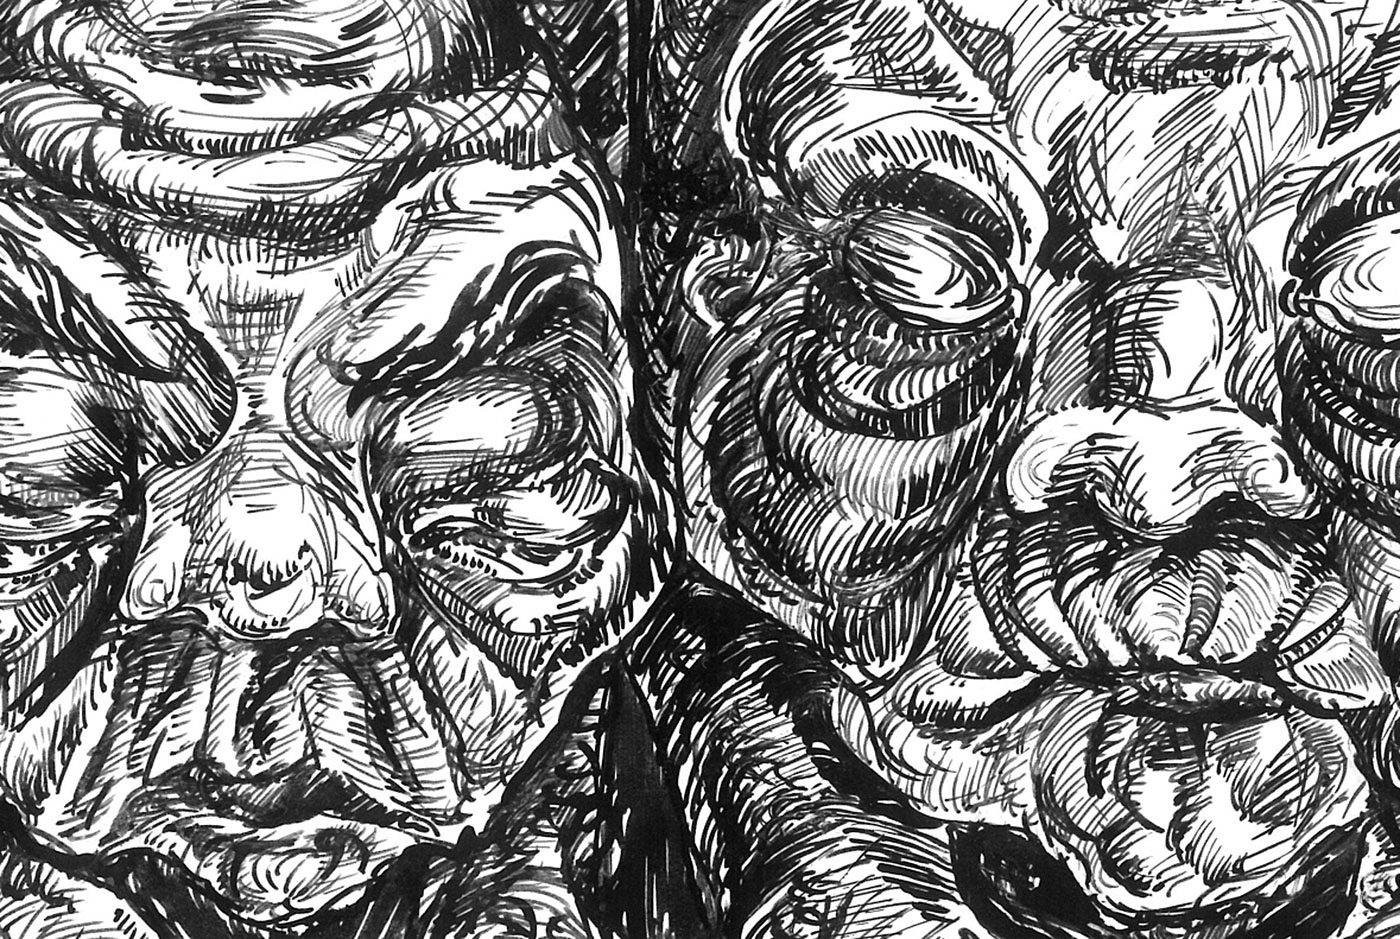 ink artwork invasion Emotional psychology philosophy  grotesque surrealism ILLUSTRATION  The Highest Сaste